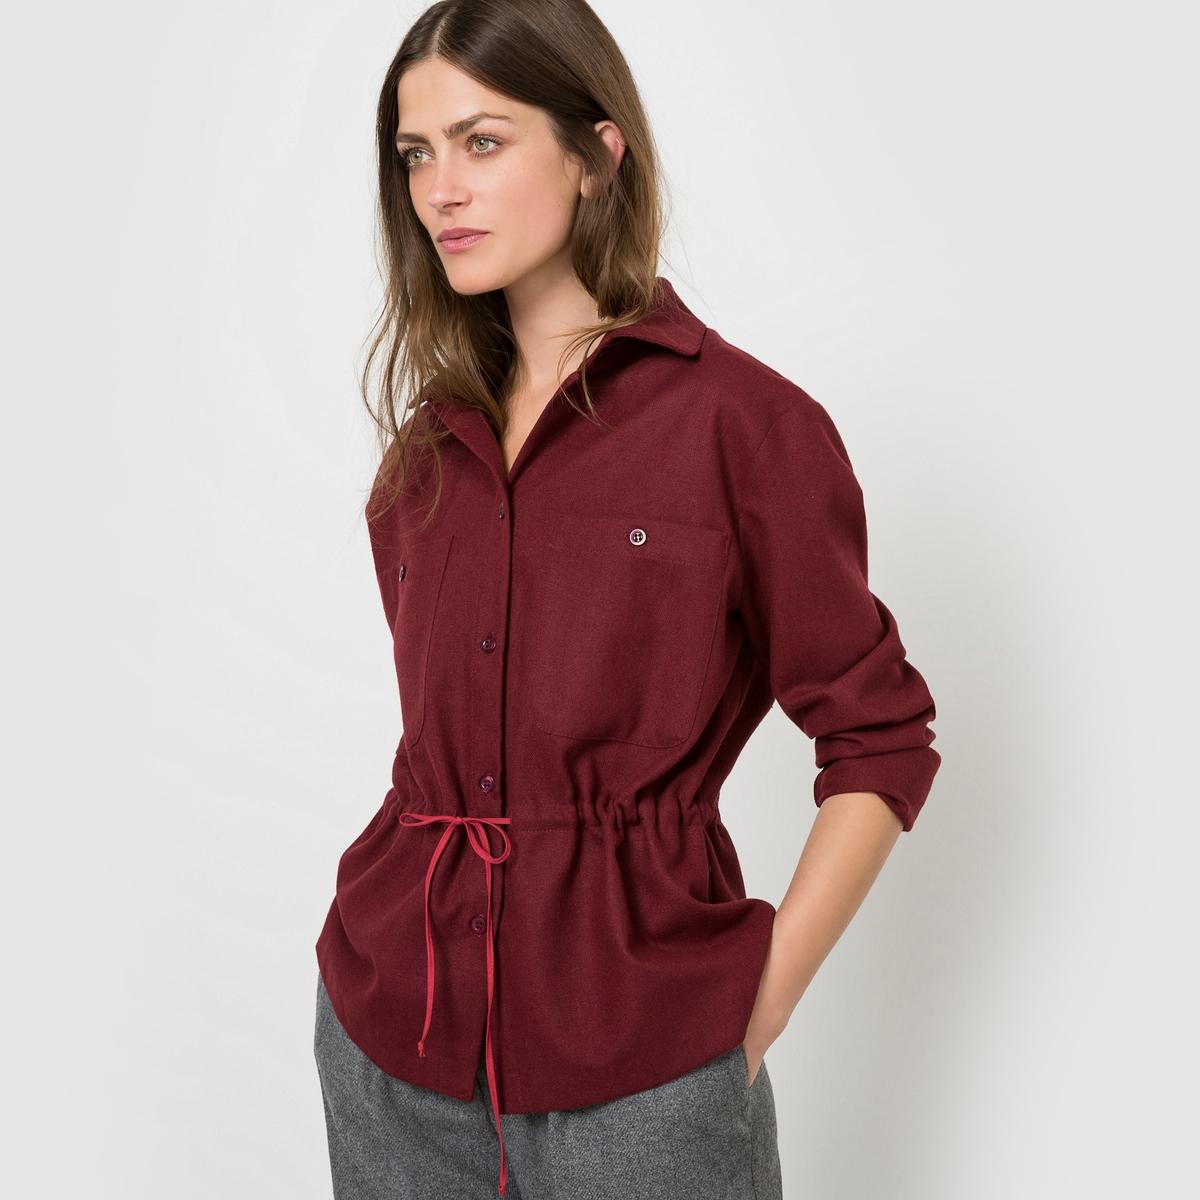 Рубашка с длинными рукавамиСостав и описаниеМатериал 40% акрила, 30% полиэстера, 25% шерсти, 5% других волоконДлина 67 смМарка COLLECTOR  УходМашинная стирка при 30 °C - Не отбеливать - Гладить при низкой температуре - Сухая (химическая) чистка запрещена - Машинная сушка запрещена<br><br>Цвет: бордовый,темно-синий<br>Размер: 46 (FR) - 52 (RUS).42 (FR) - 48 (RUS).38 (FR) - 44 (RUS).42 (FR) - 48 (RUS).40 (FR) - 46 (RUS).36 (FR) - 42 (RUS)